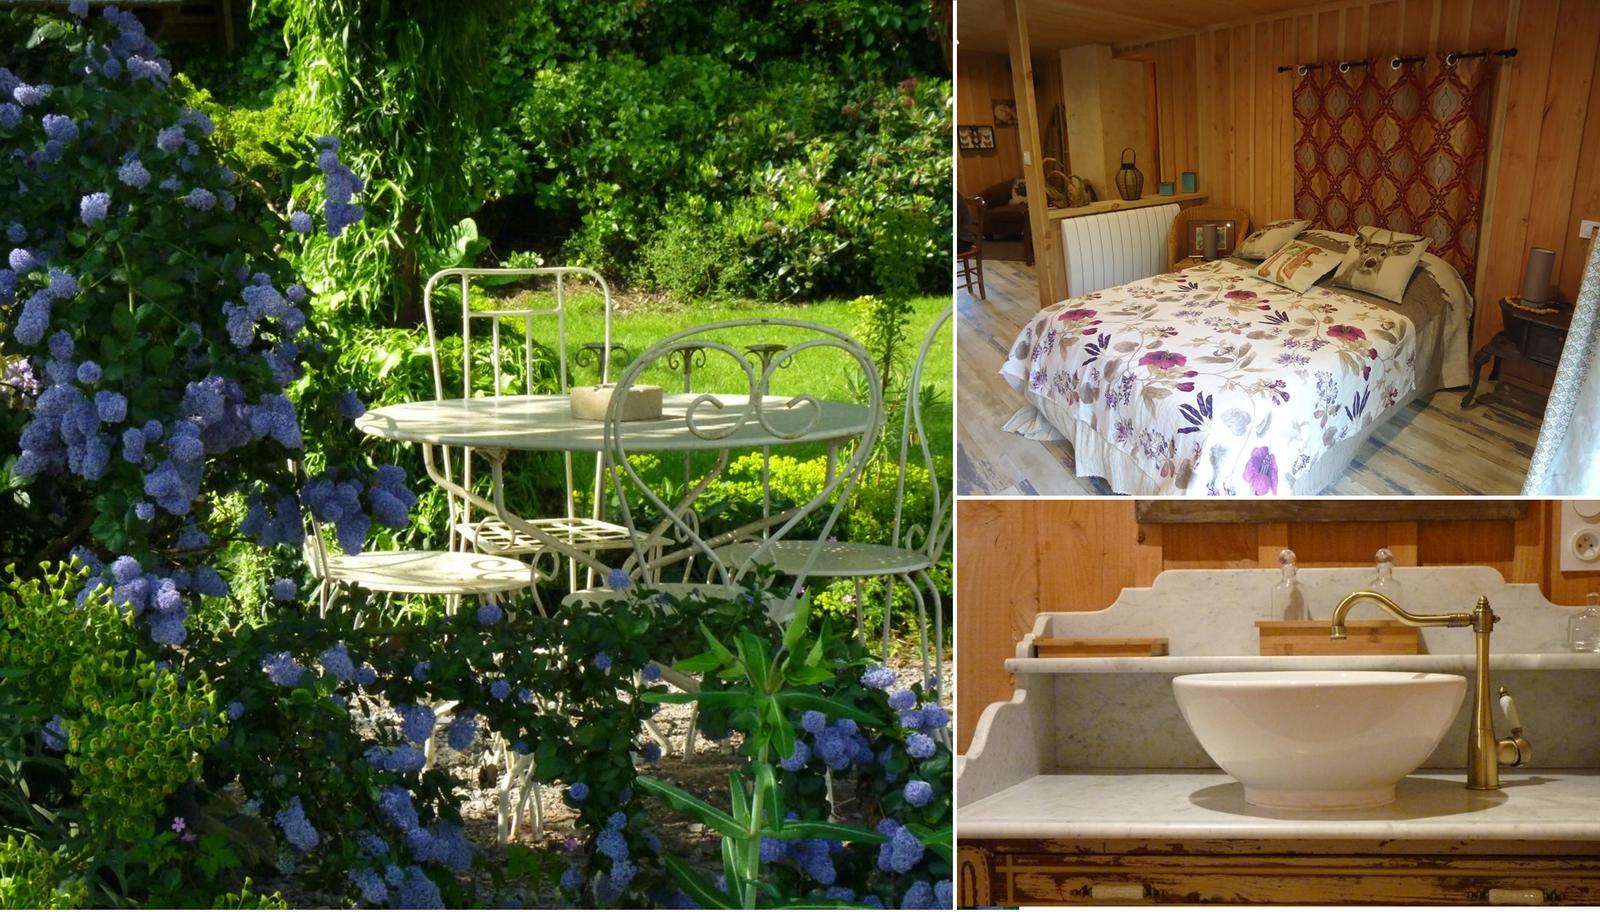 Votre séjour en Mayenne, dans un cadre original et secret, rencontrez les propriétaires passionnés par la vie